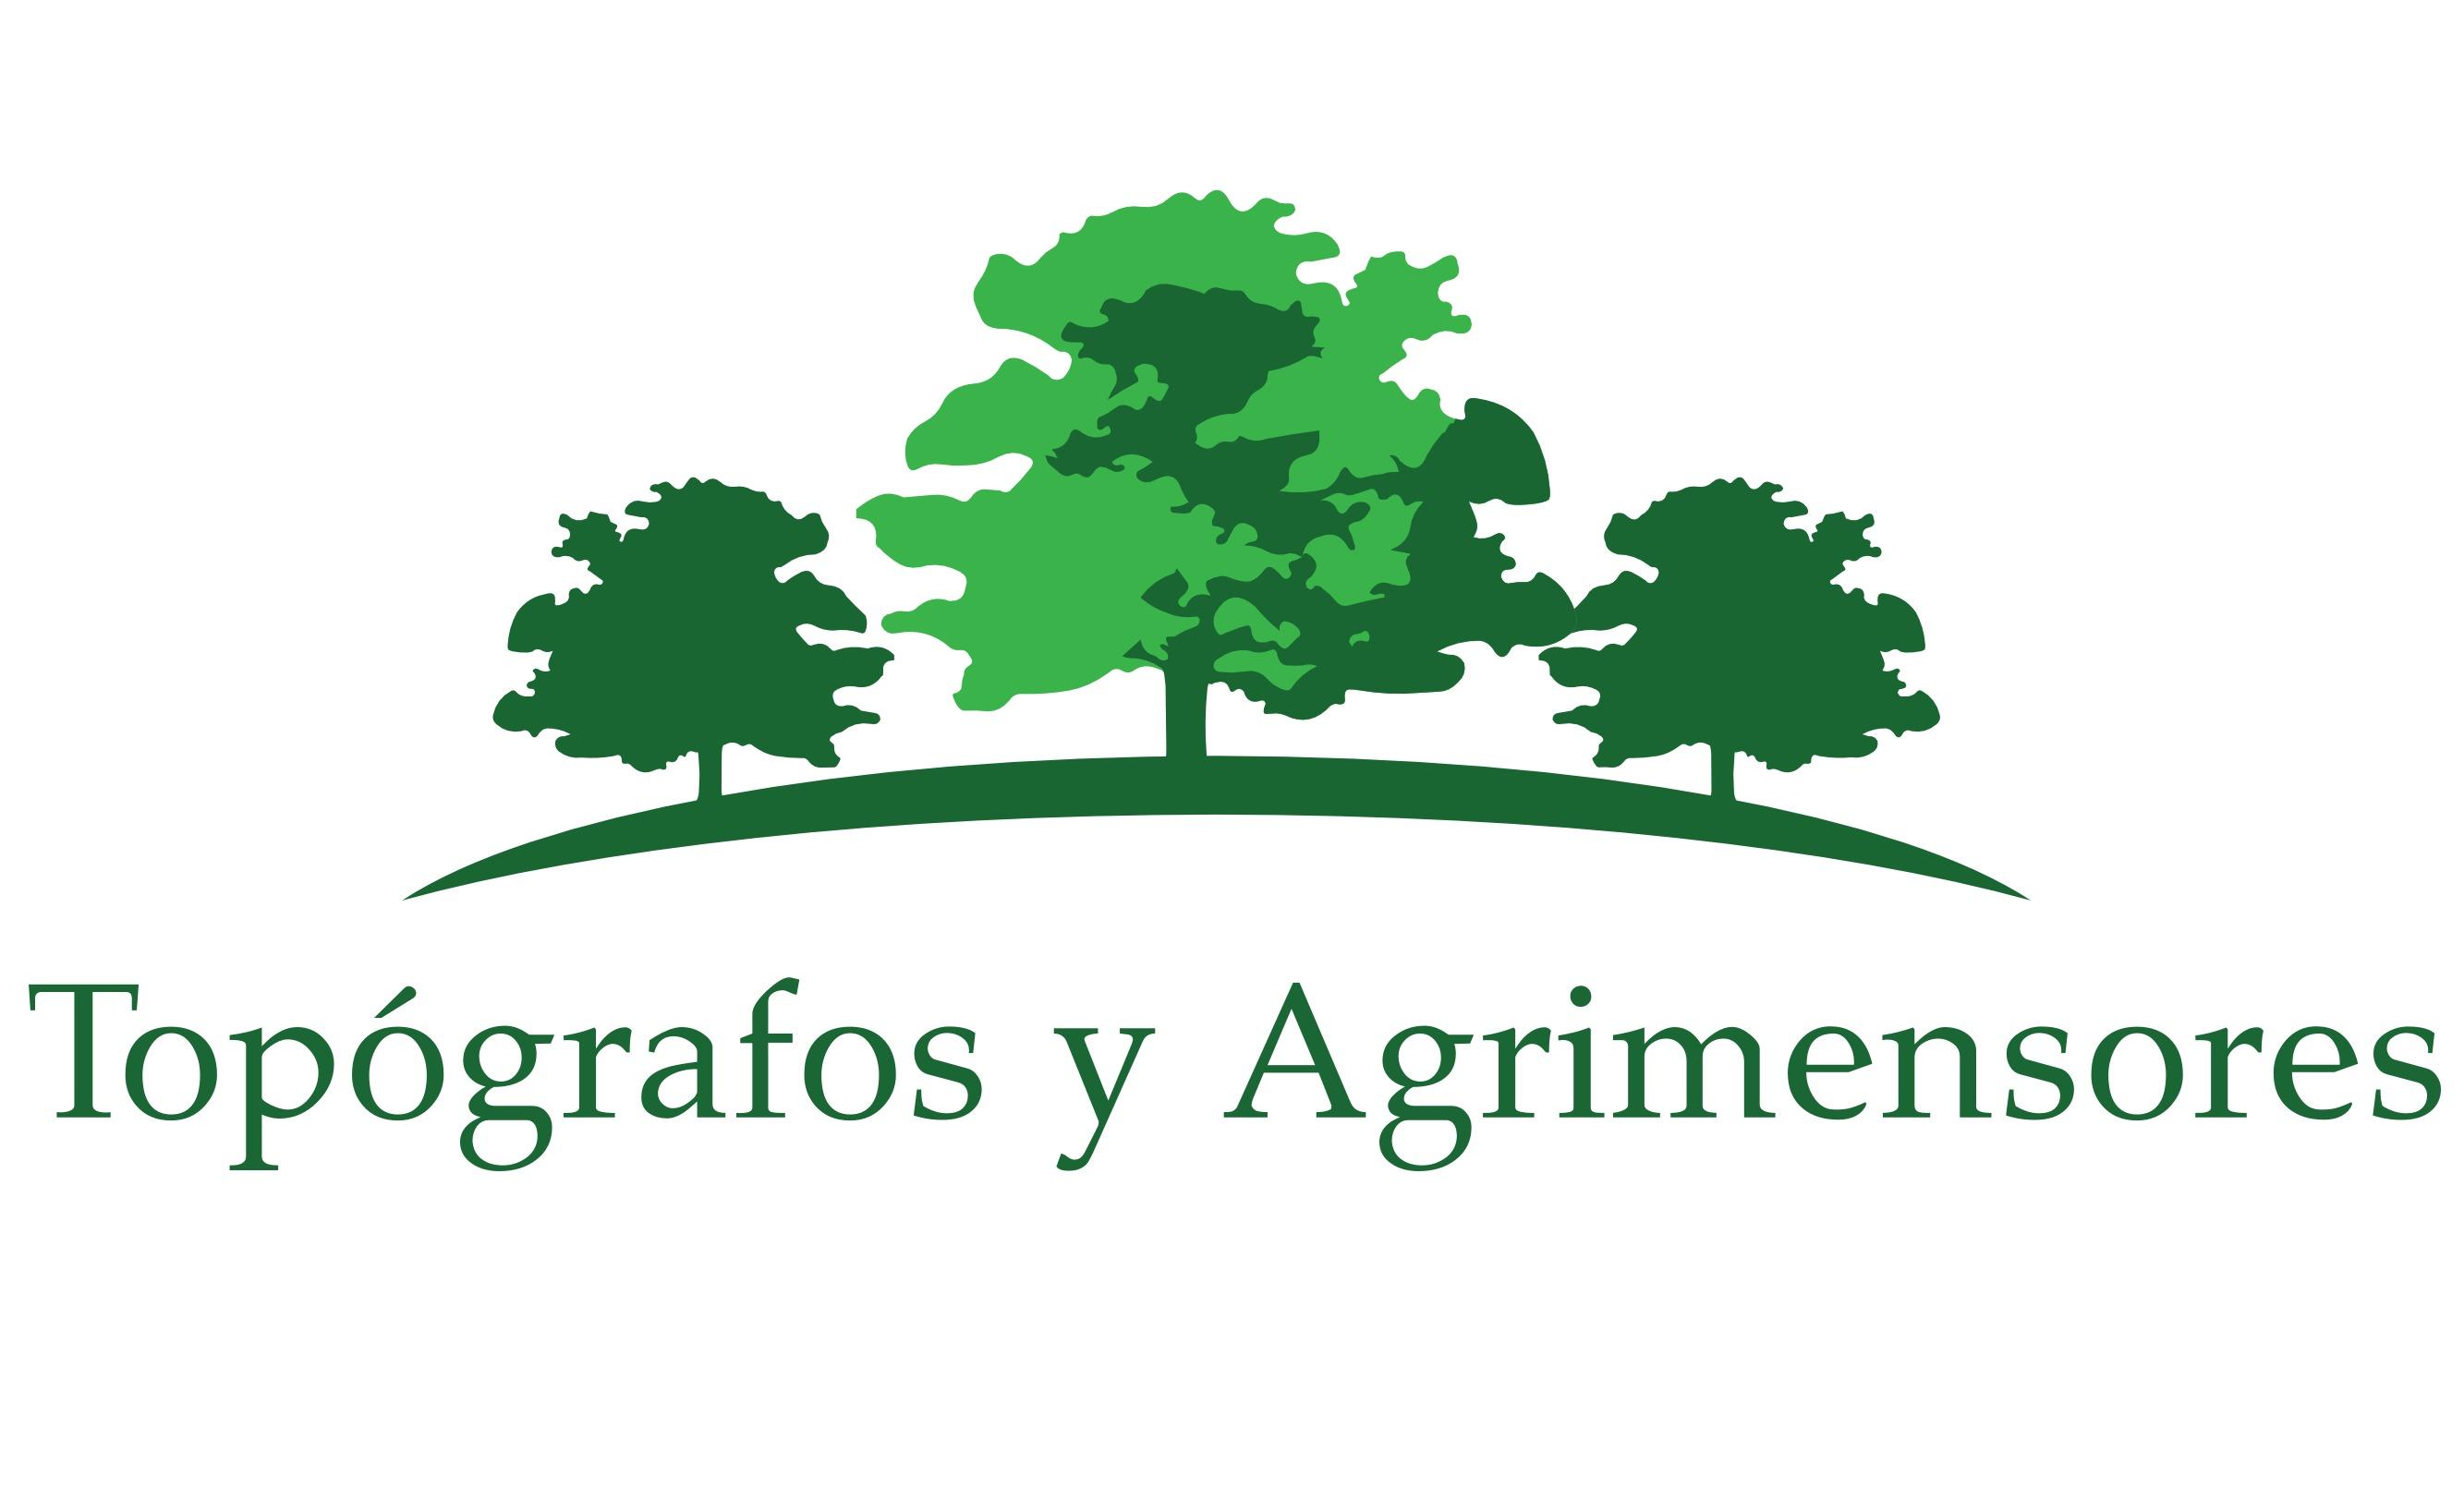 400dpiLogo - Topografos y Agrimensores